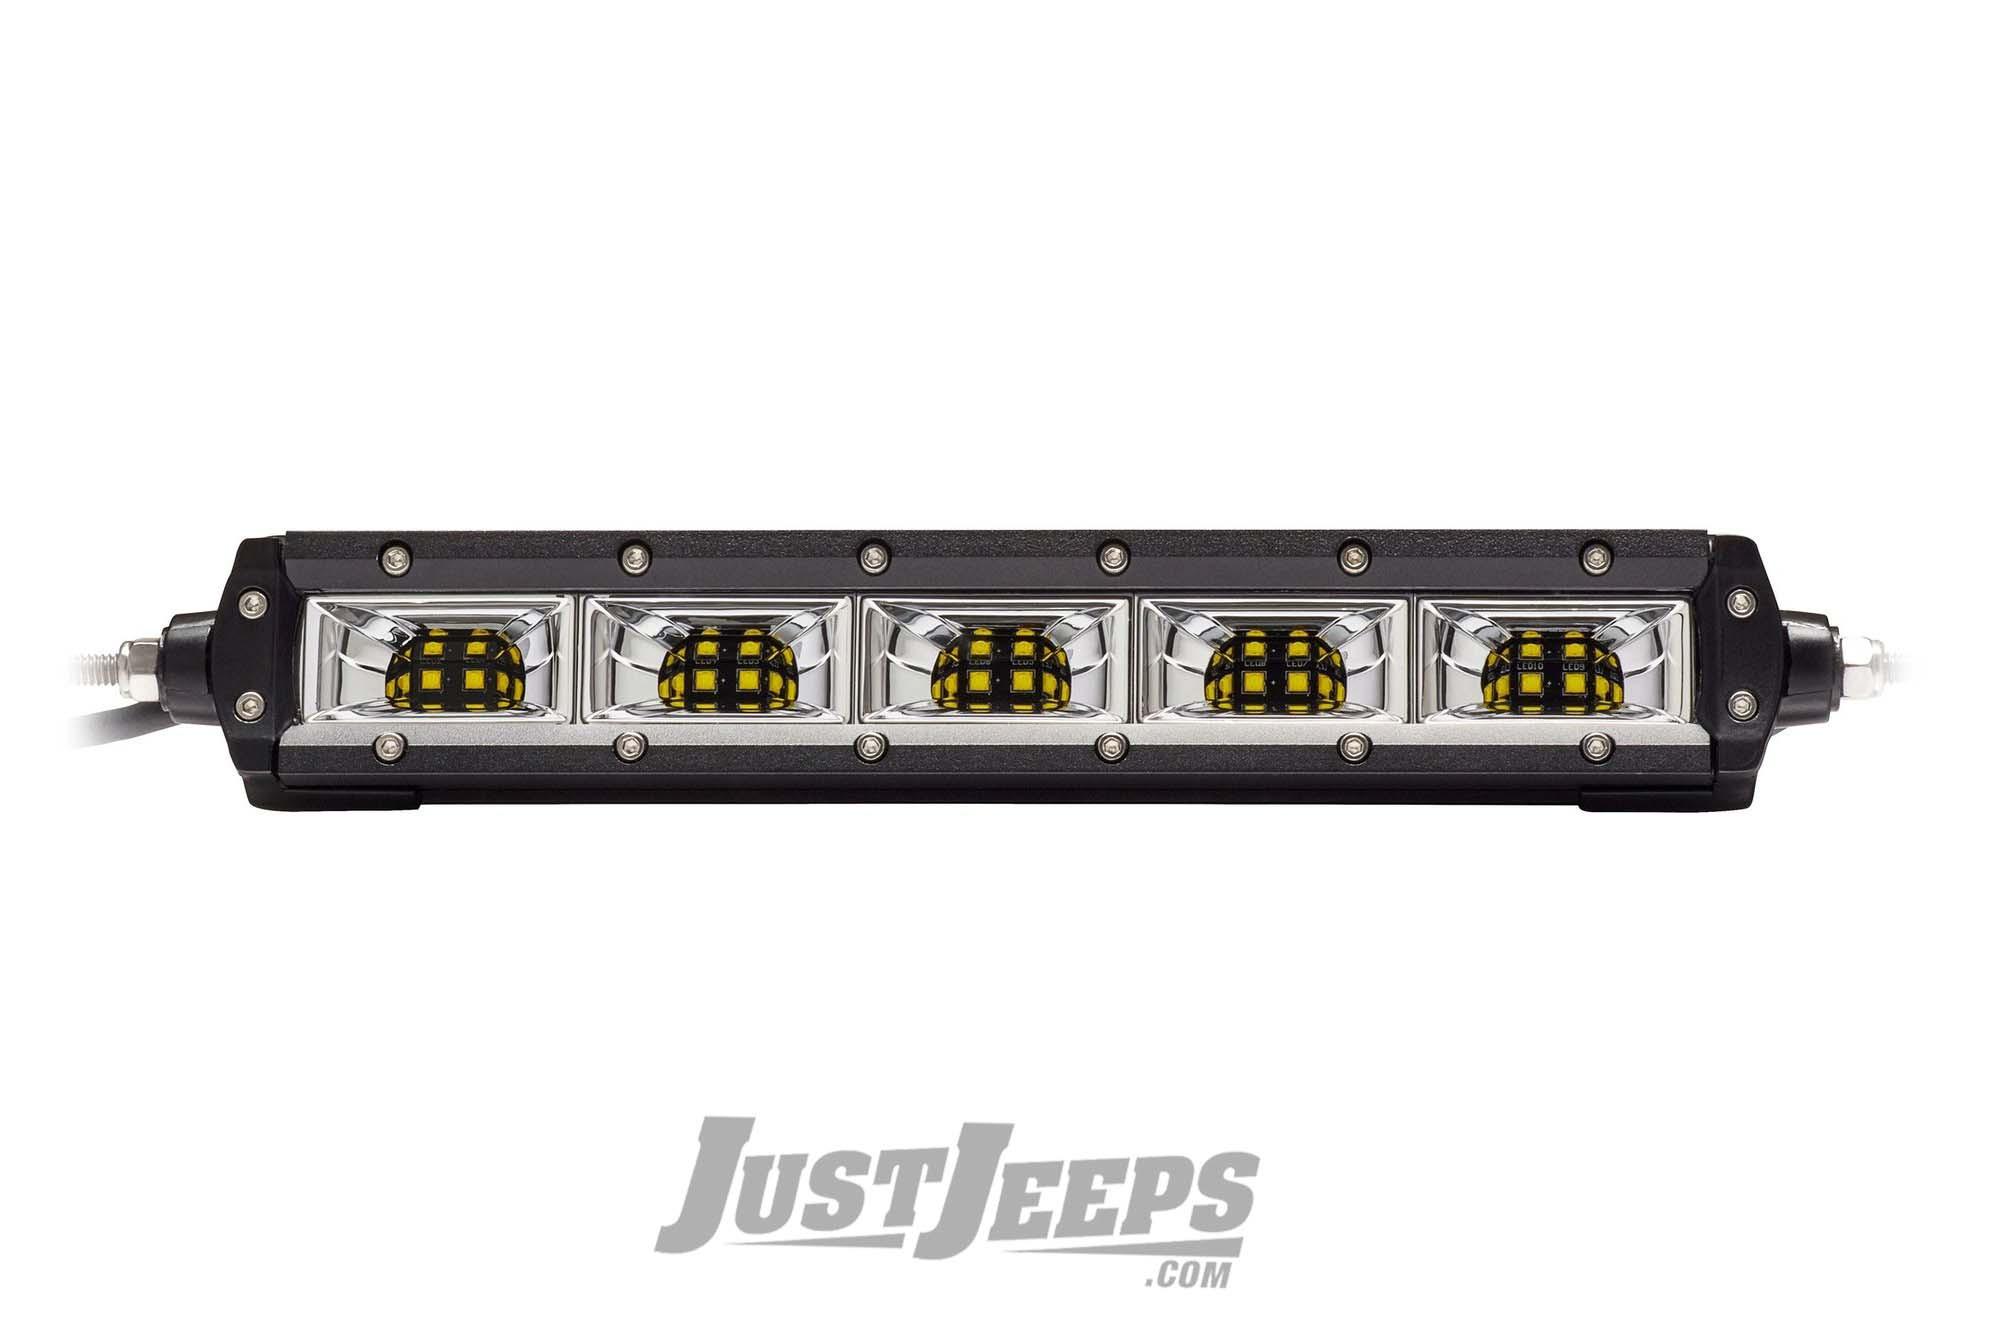 """KC HiLiTES M-Rack 10"""" C-Series Flood LED Light Bar (4 Piece) For 2007+ Jeep Wrangler JK/JL 2 Door & Unlimited 4 Door Models"""